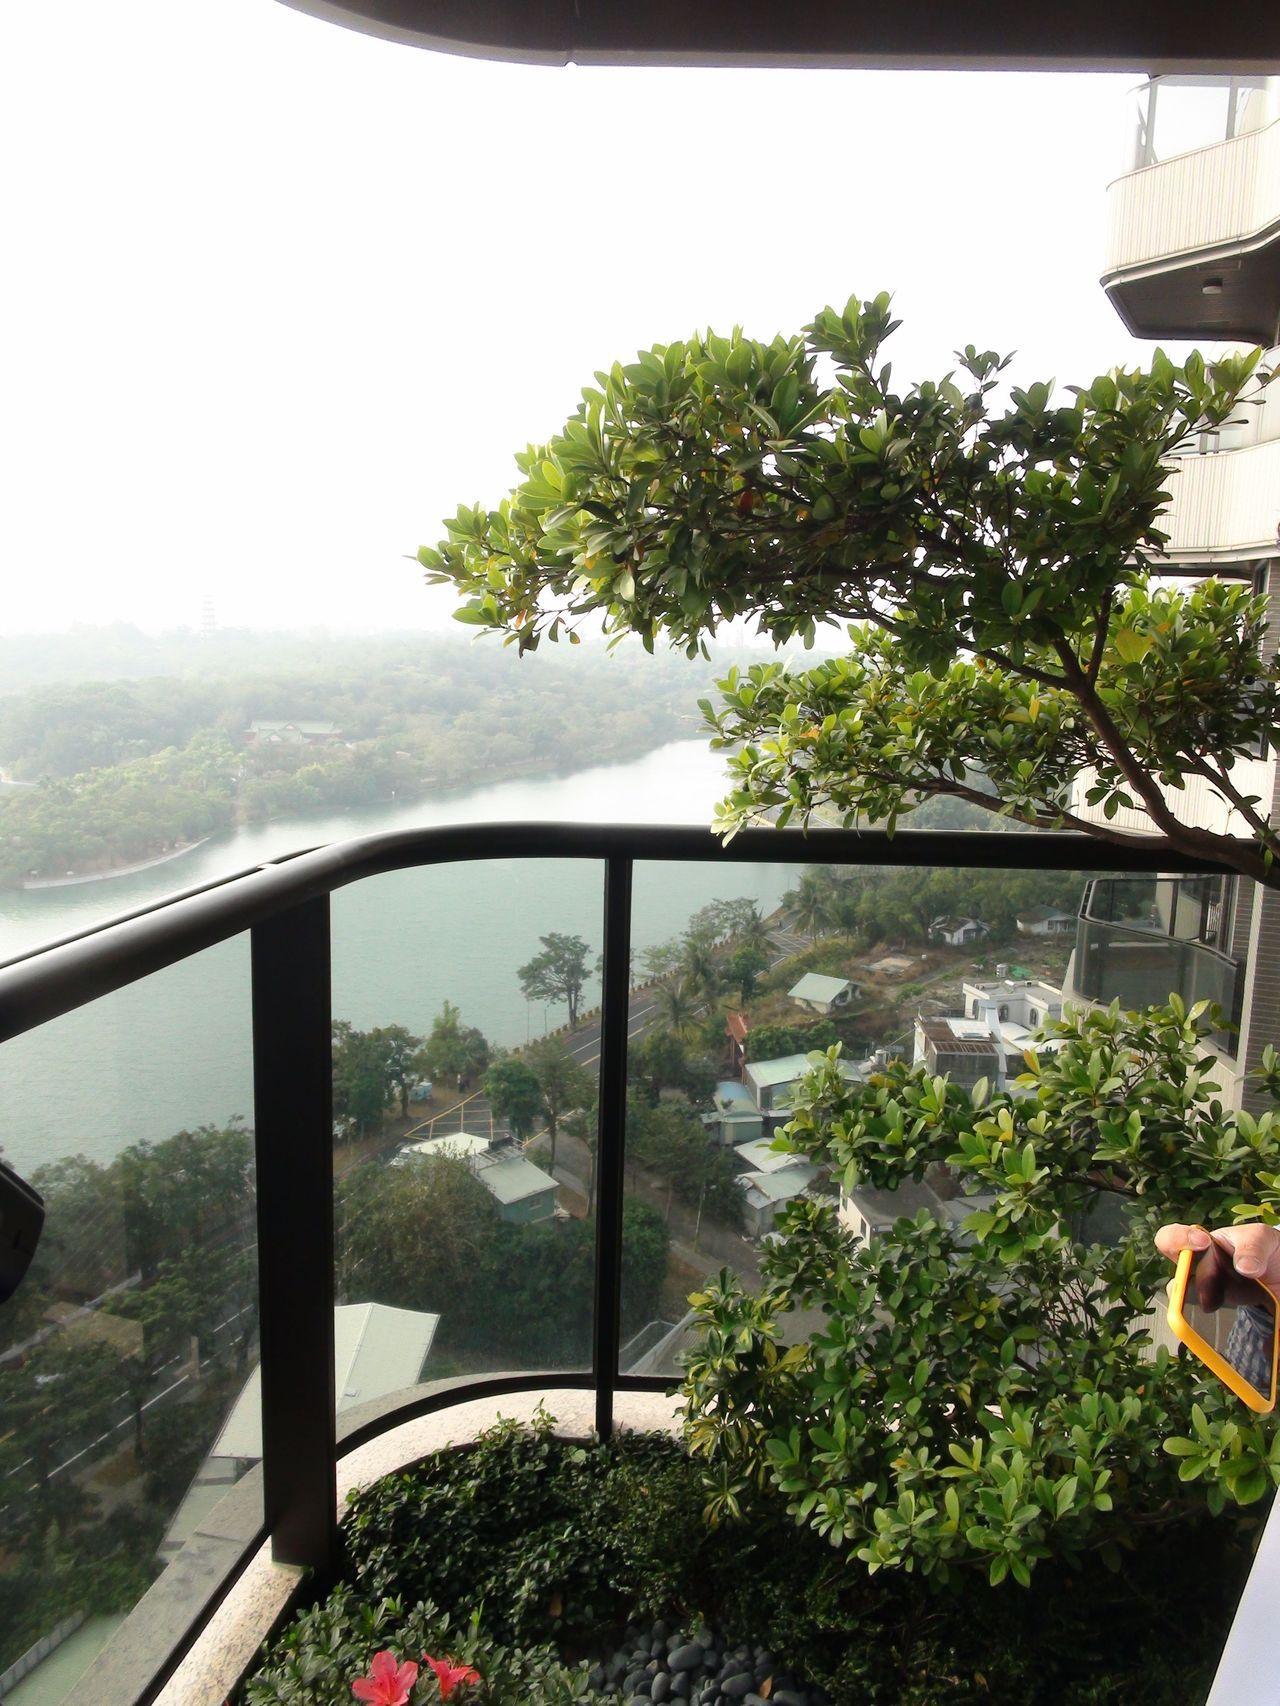 高雄澄清湖畔的房市也十分看好。記者謝梅芬/攝影